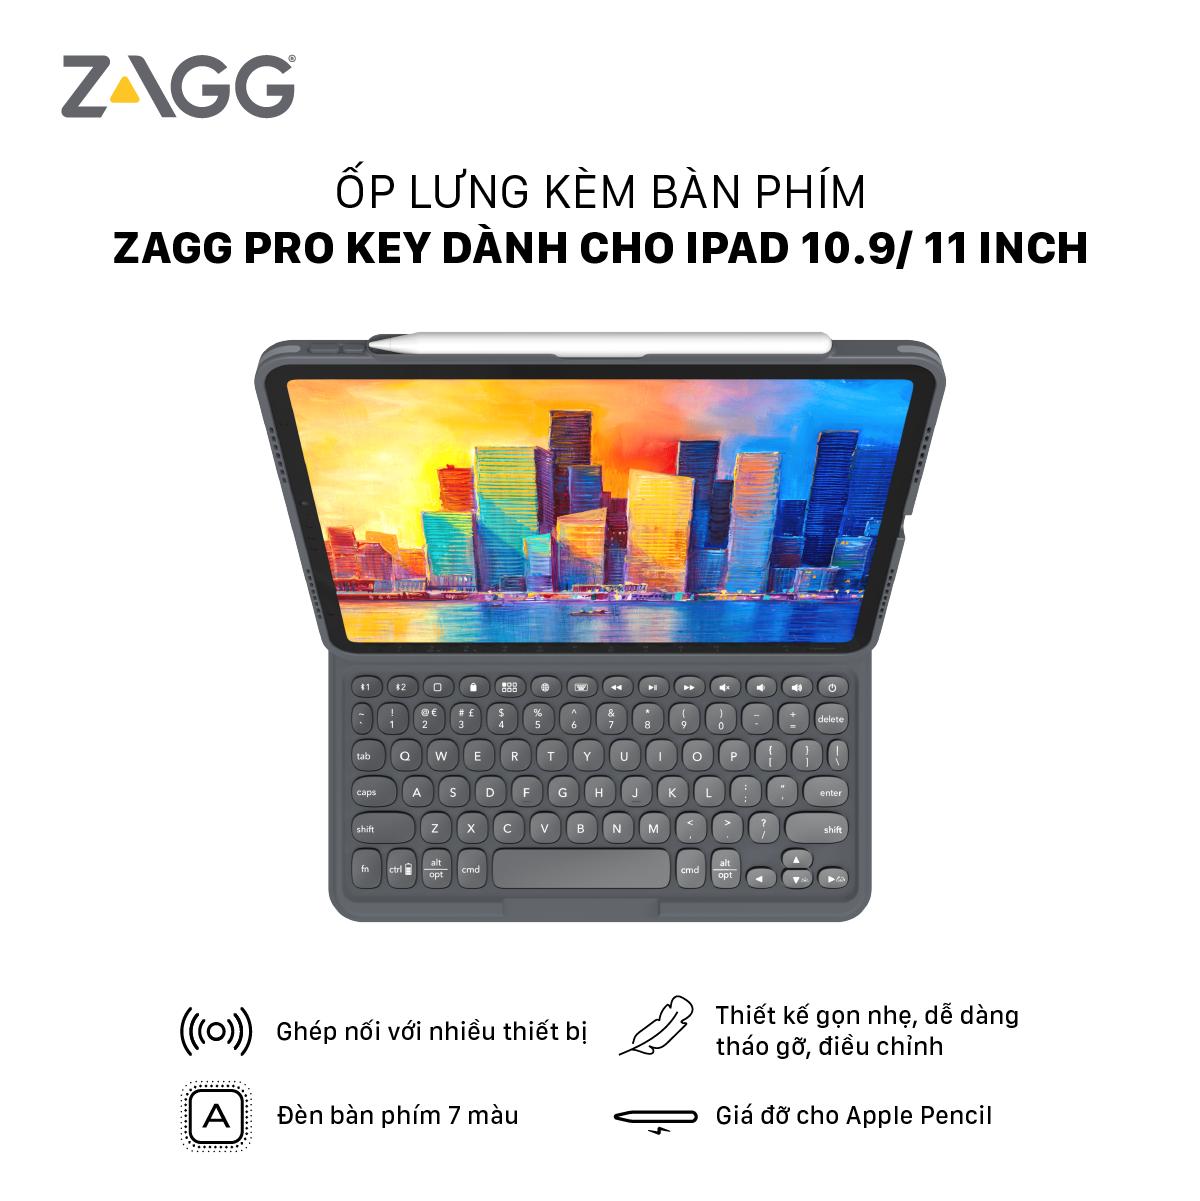 Ốp lưng kèm bàn phím ZAGG Keyboard Pro Keys-Apple-iPad 10.2 và iPad 10.9